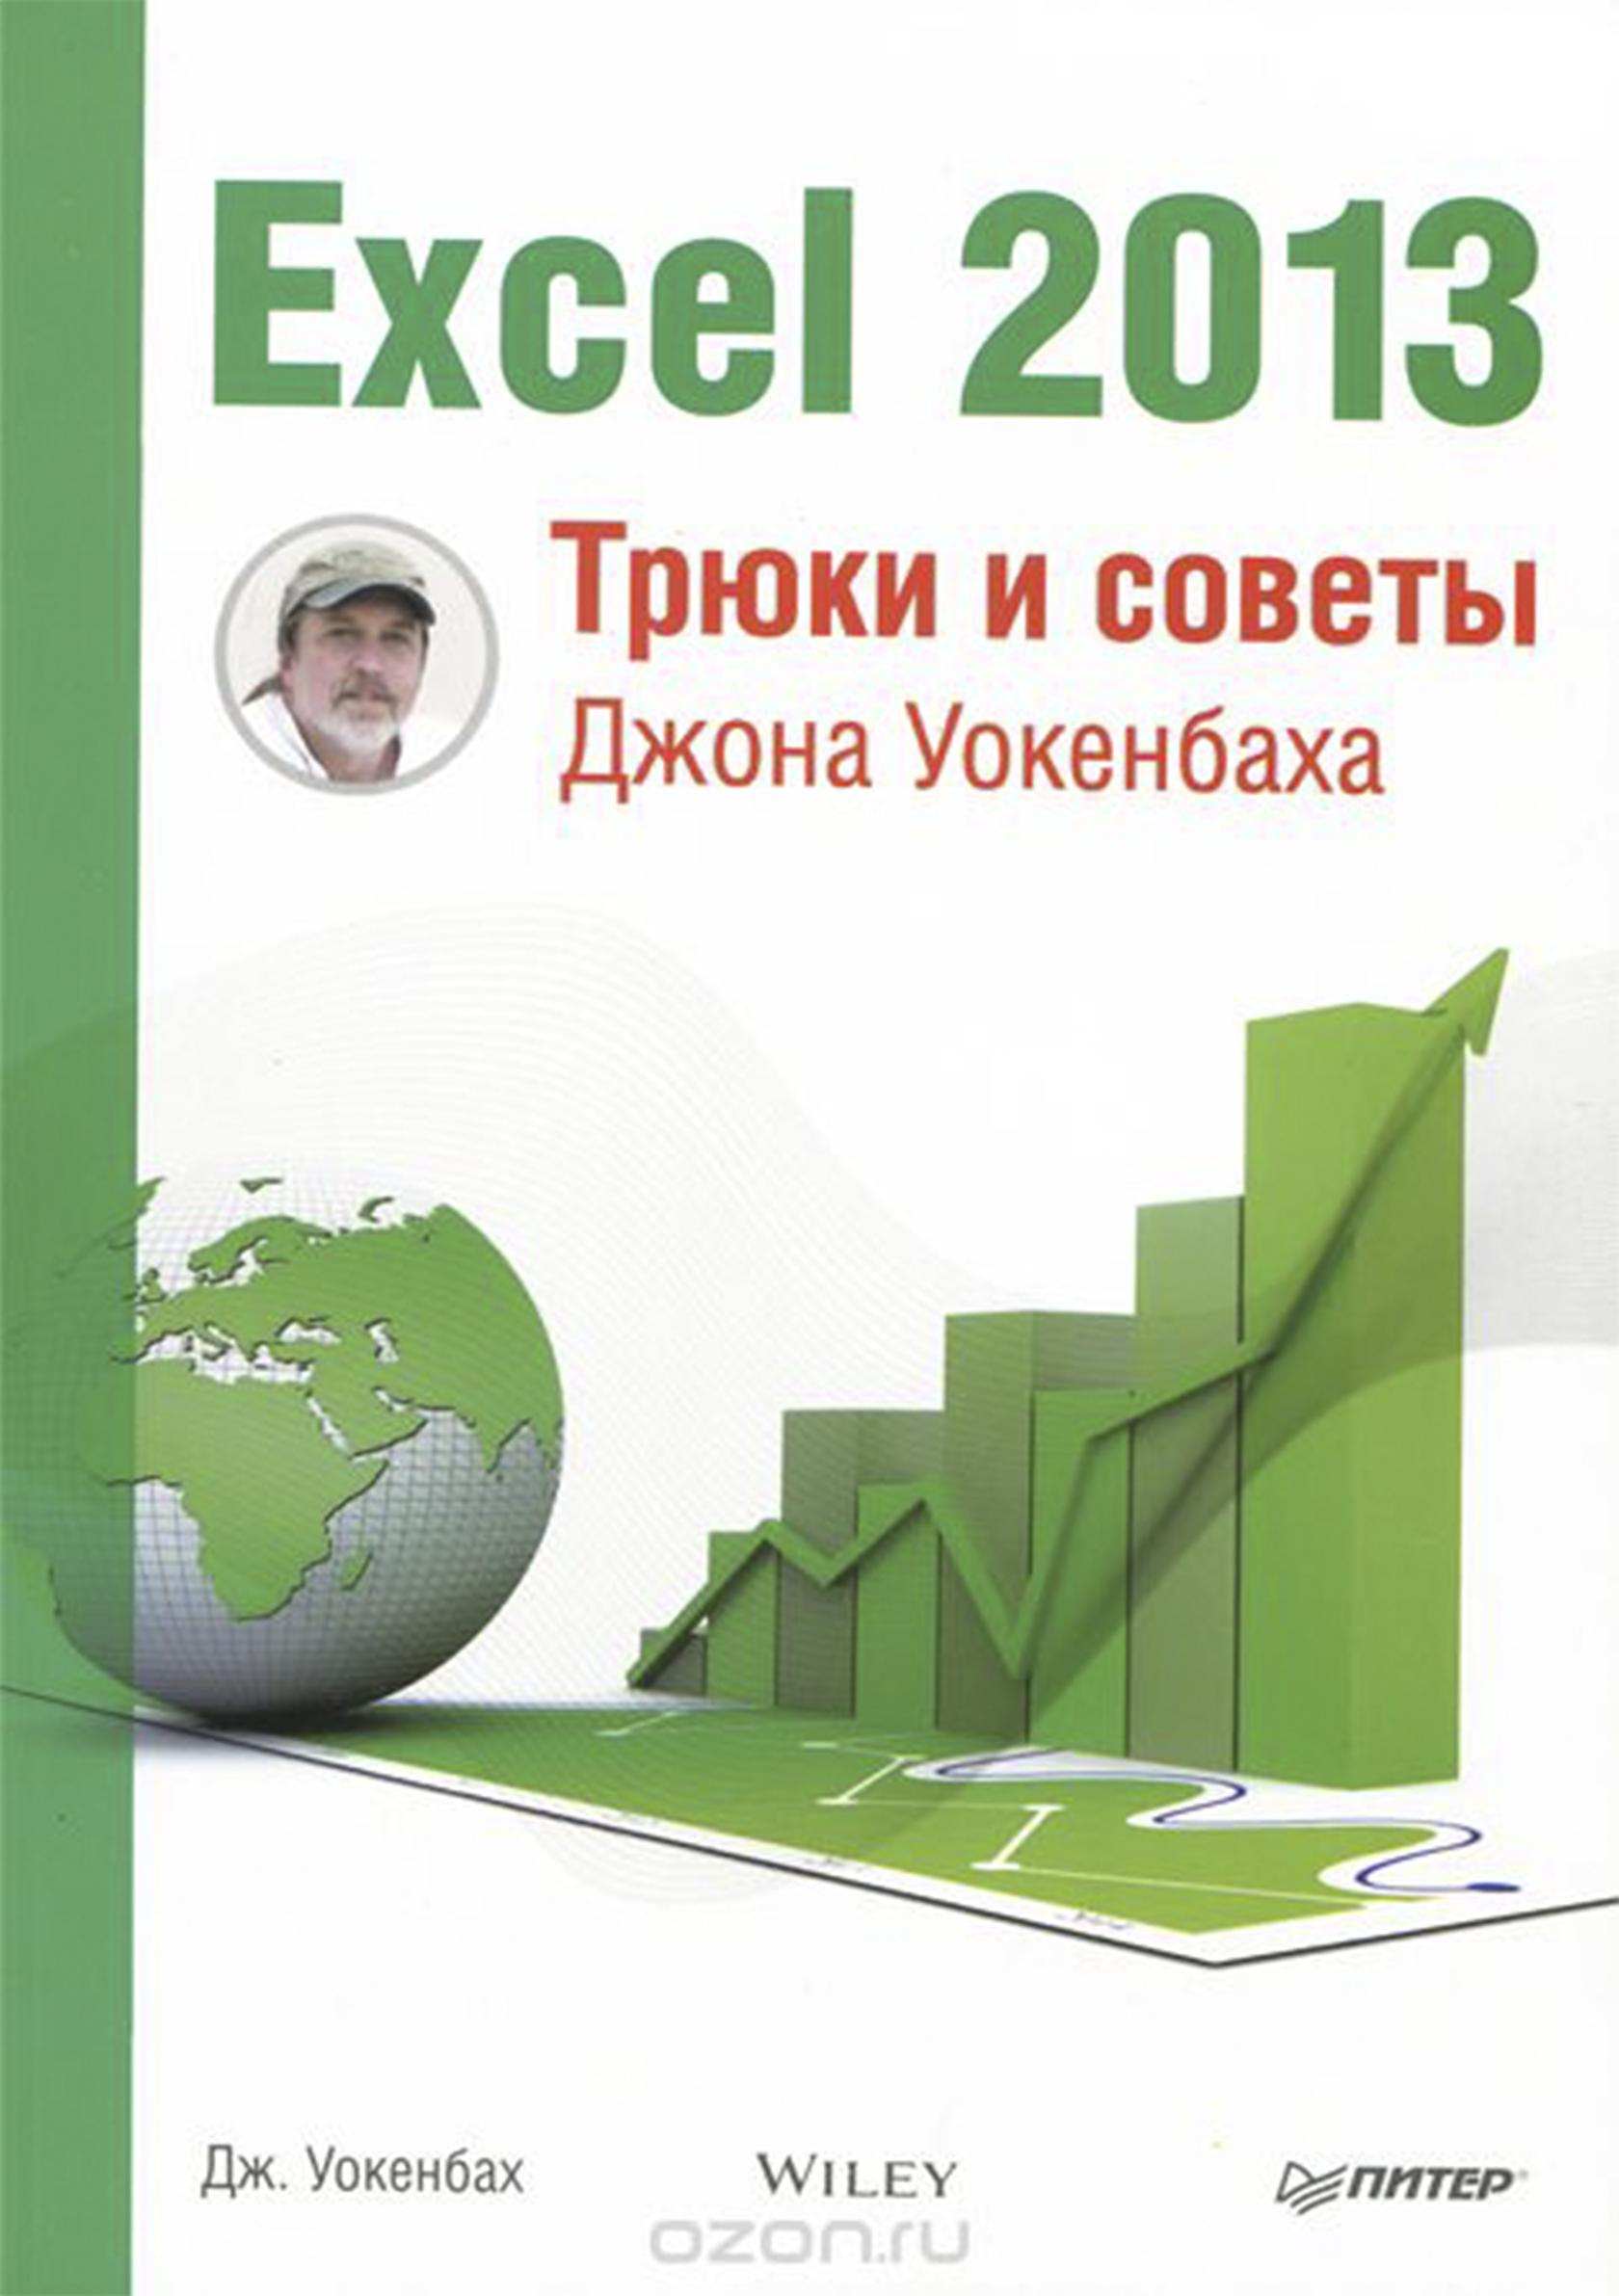 ДЖОН УОКЕНБАХ ФОРМУЛЫ В MICROSOFT EXCEL 2013 СКАЧАТЬ БЕСПЛАТНО